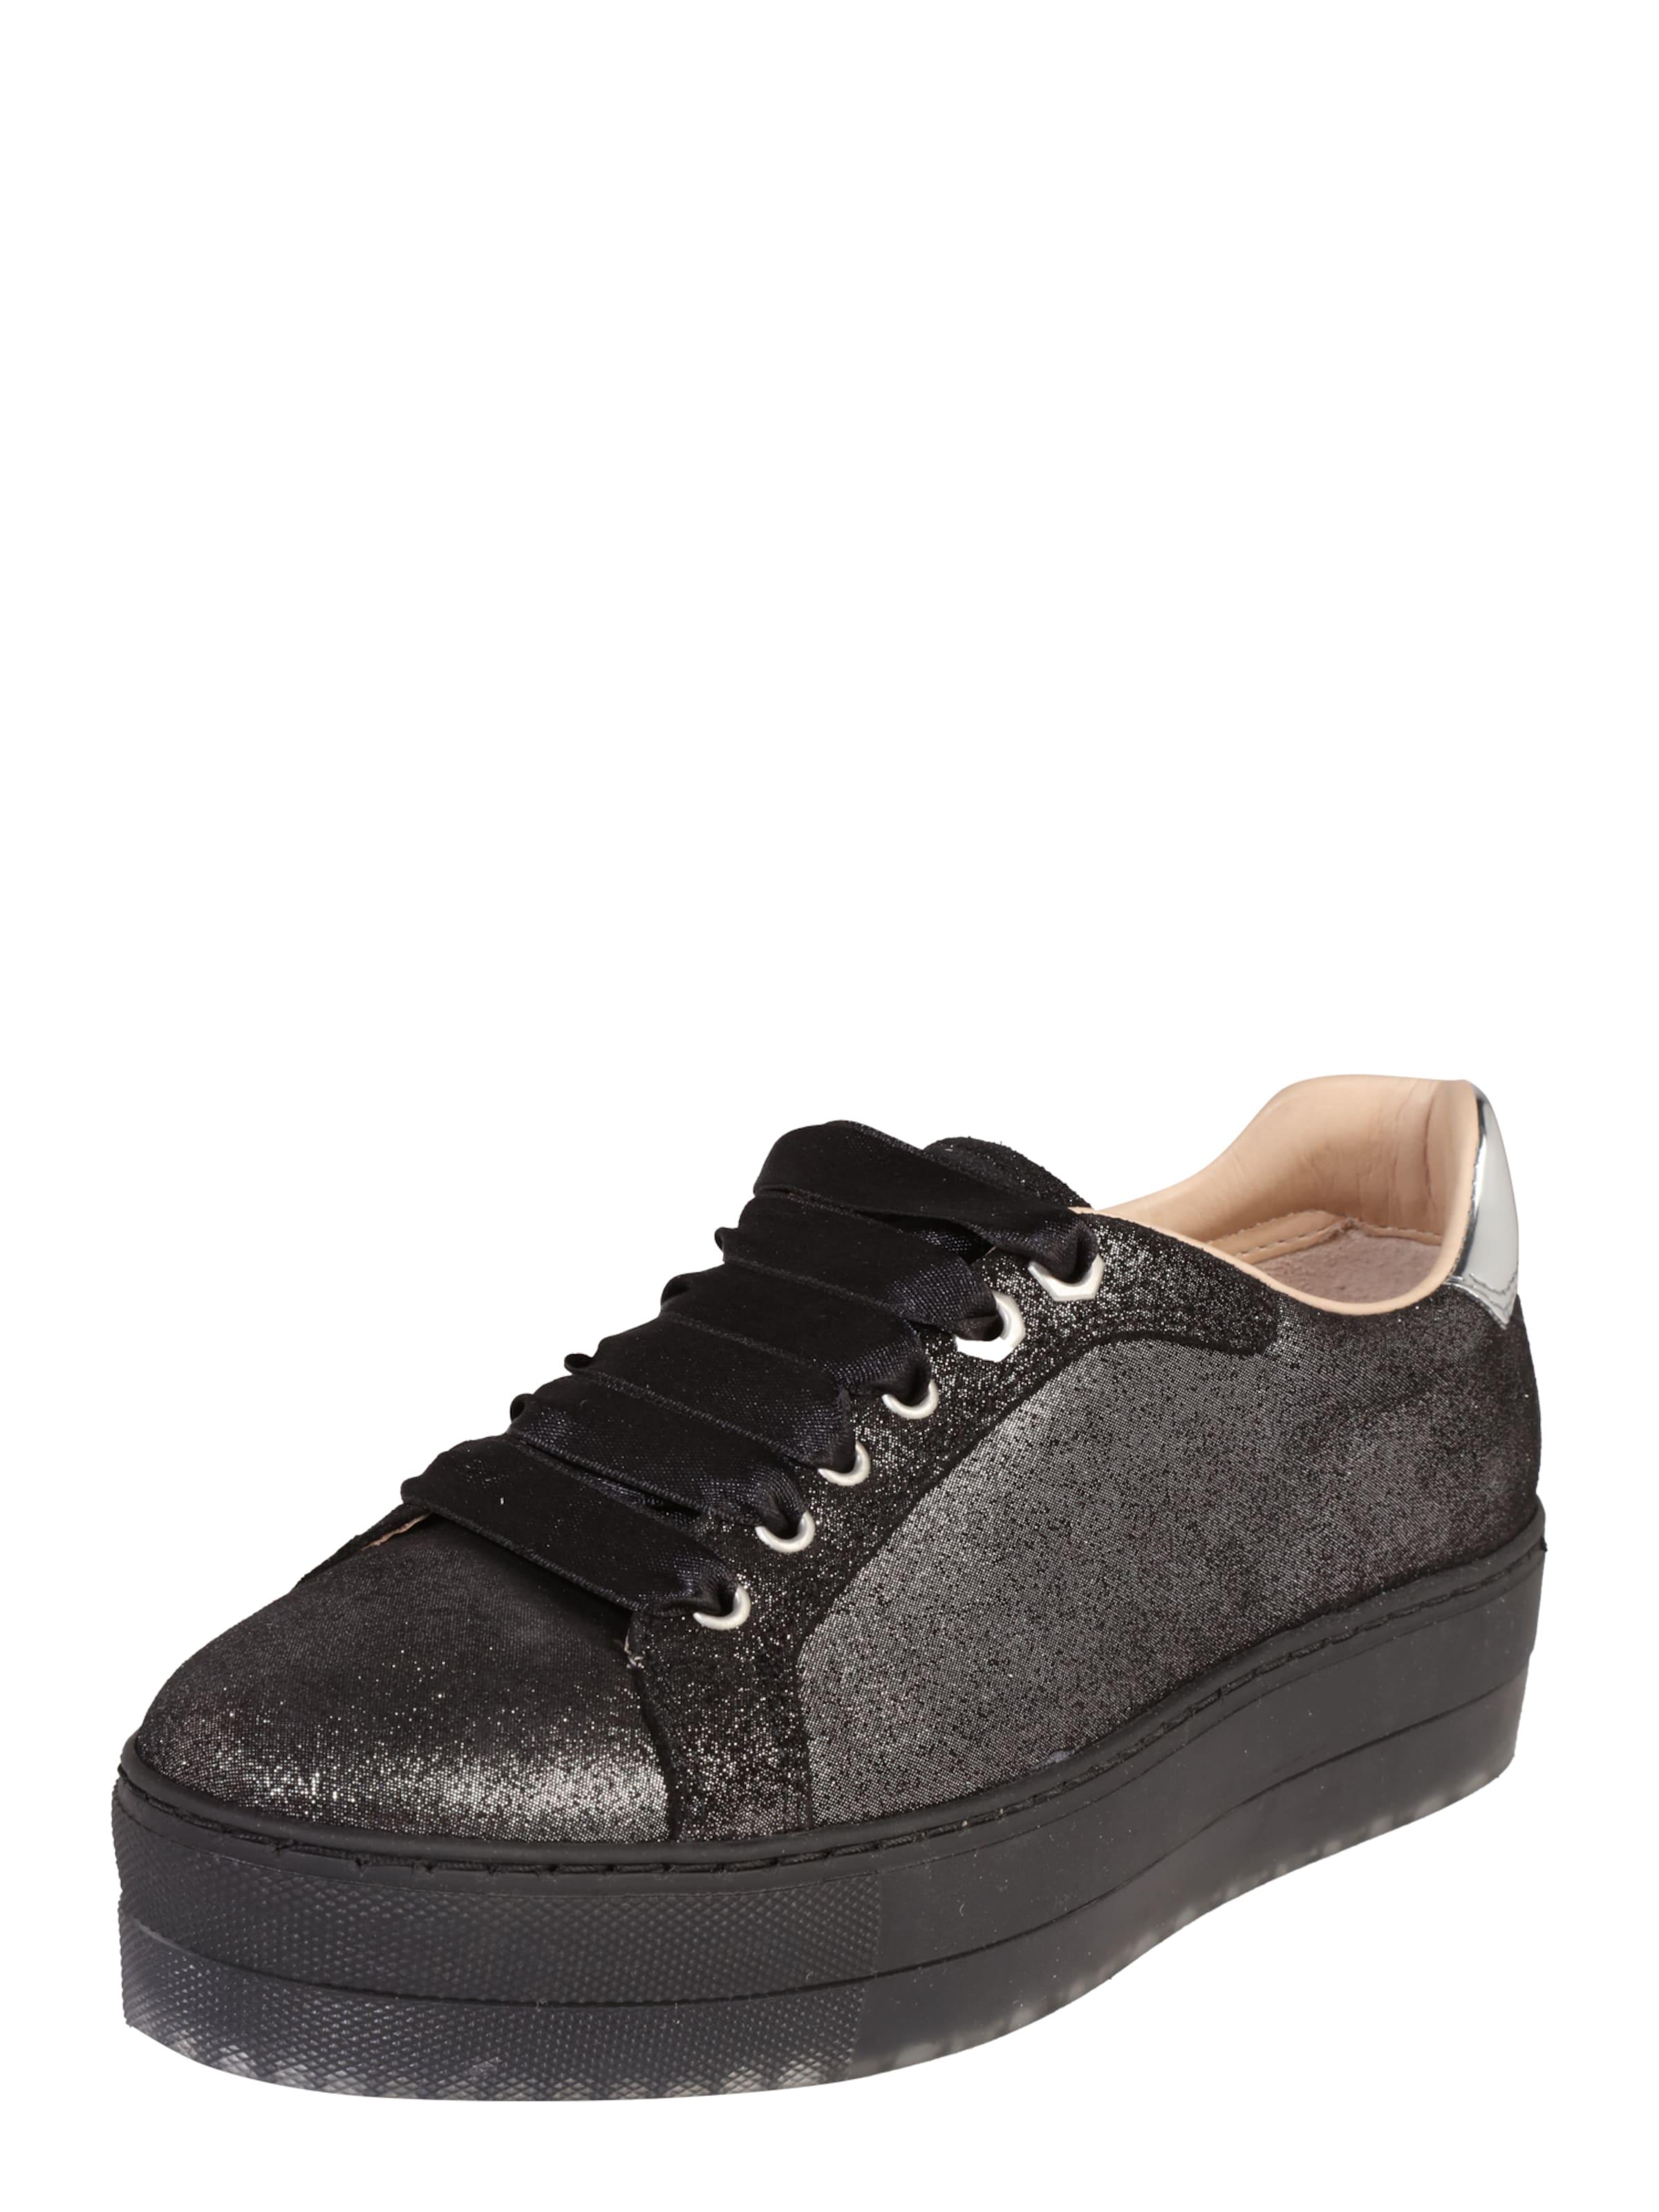 DIESEL LENGLAS ANDYES Sneakers Verschleißfeste billige Schuhe